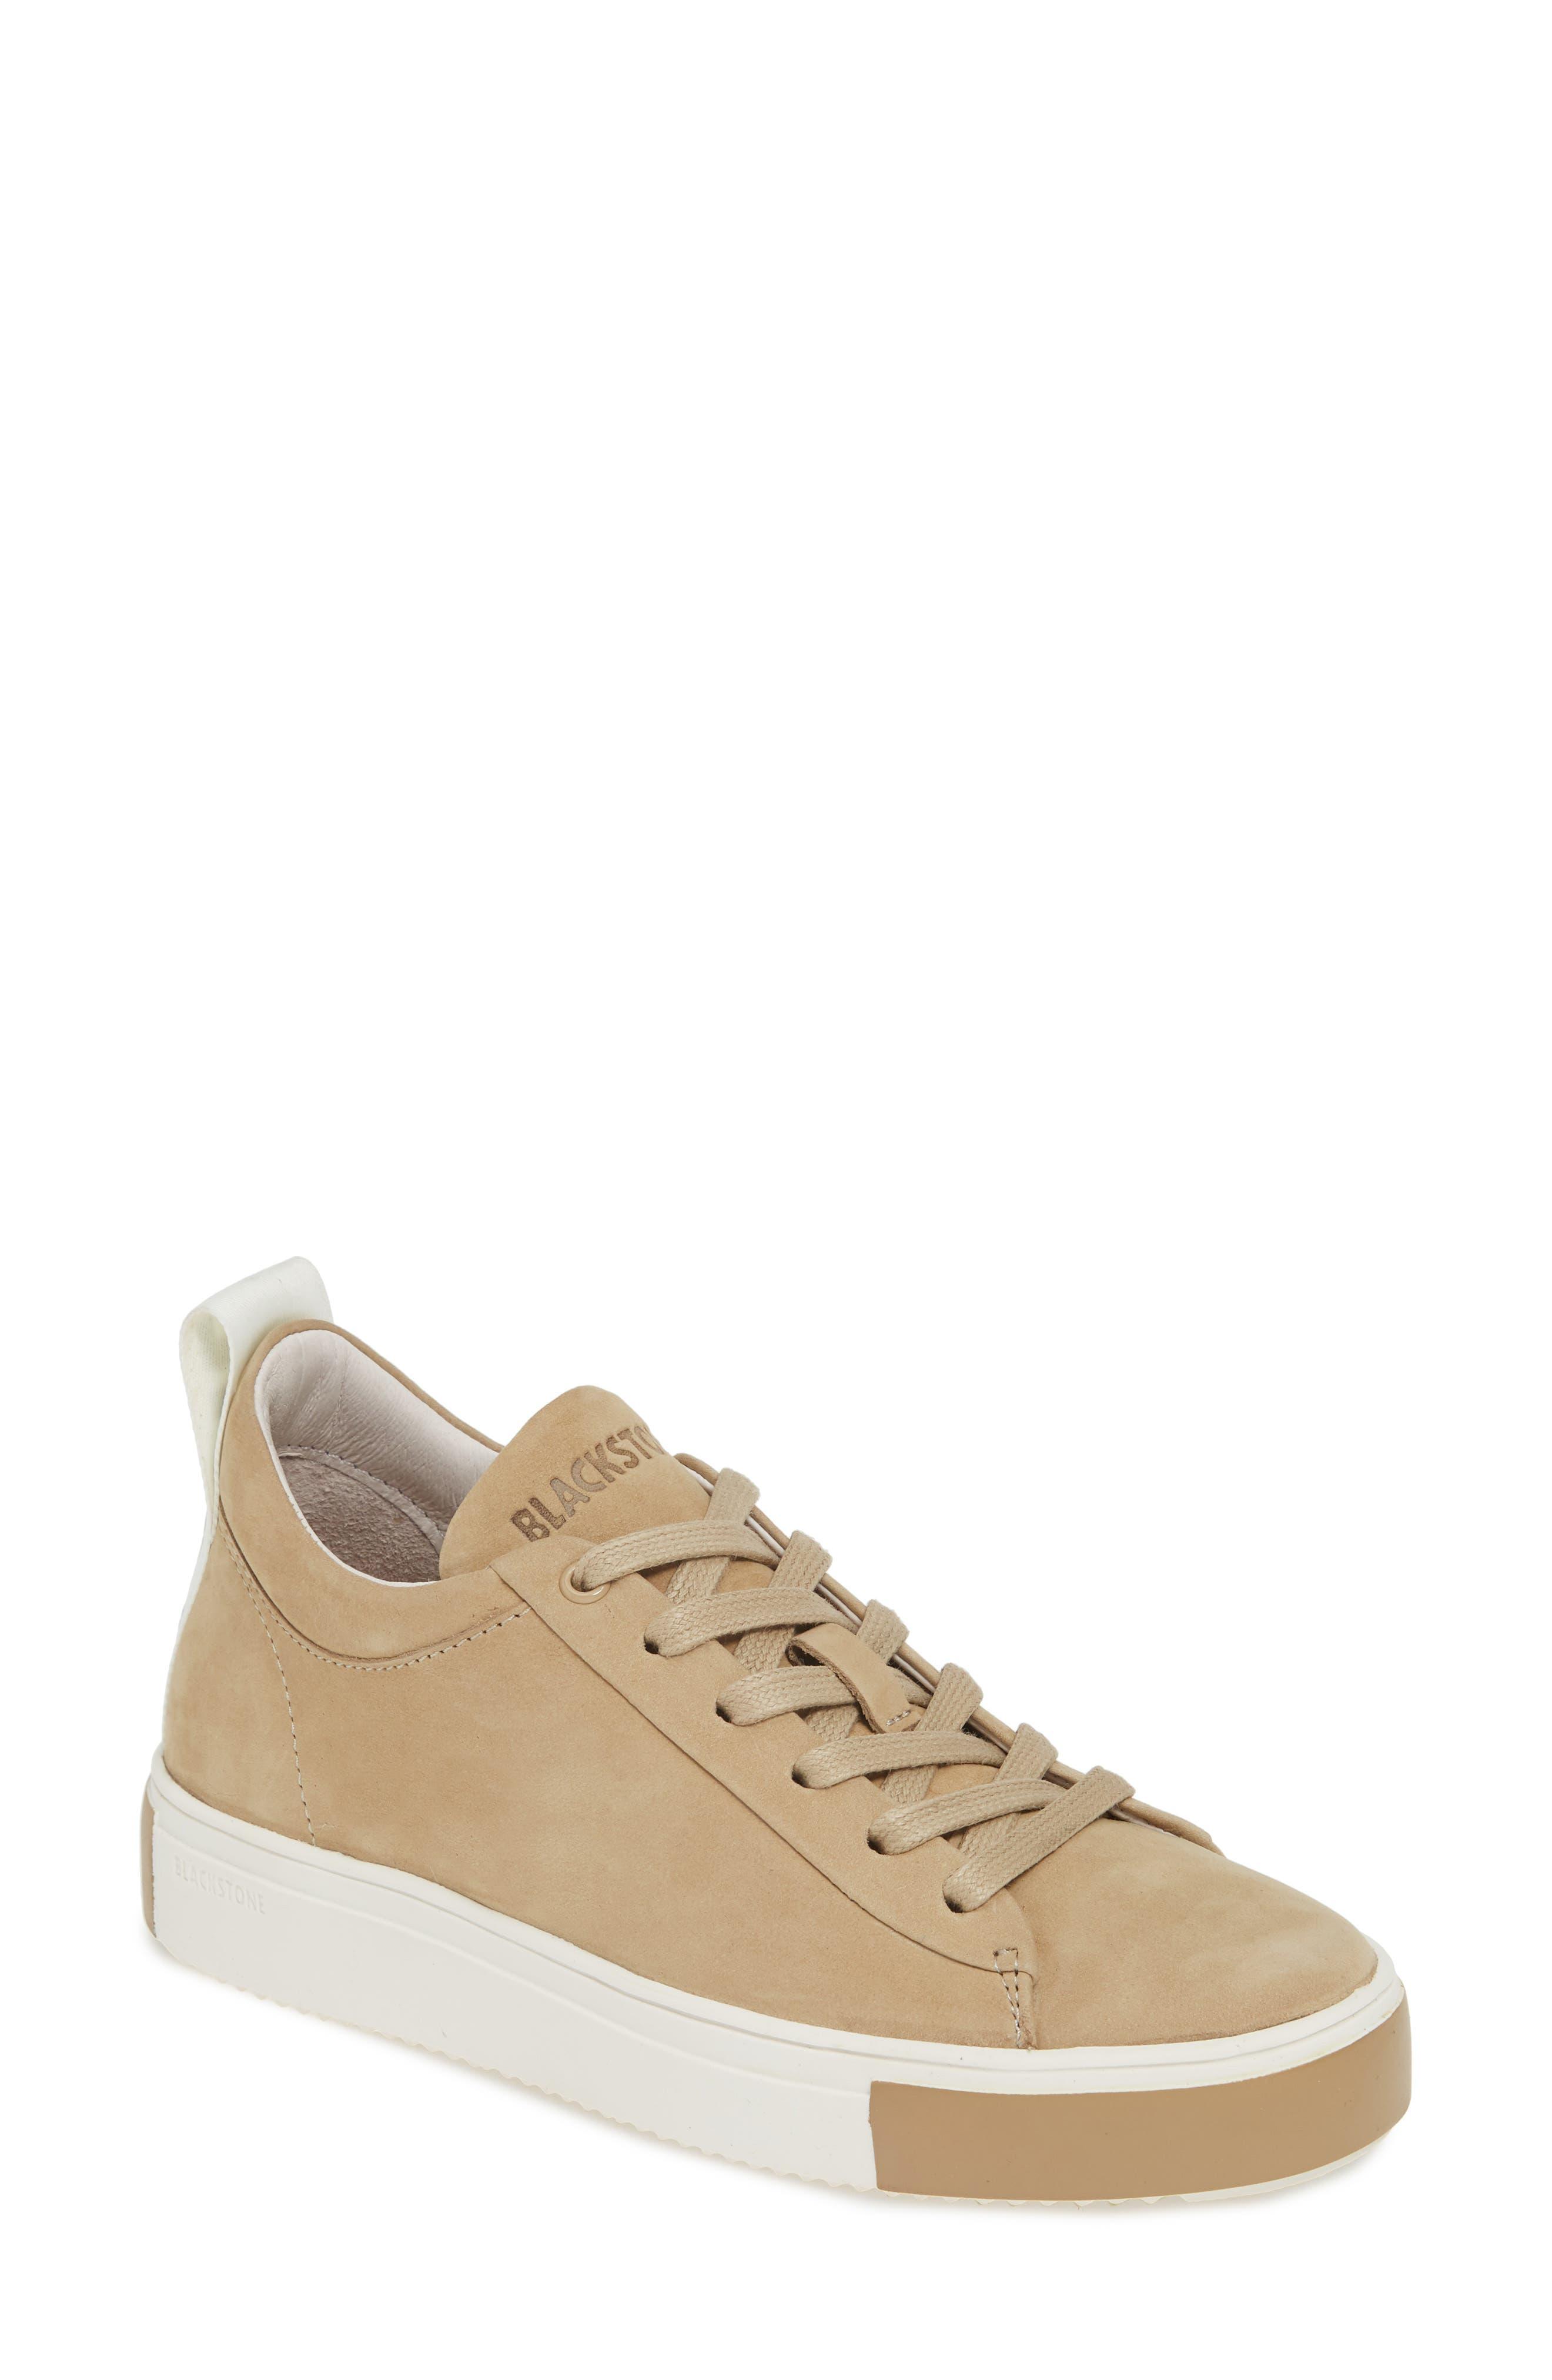 Blackstone Rl65 Mid Top Sneaker, Beige